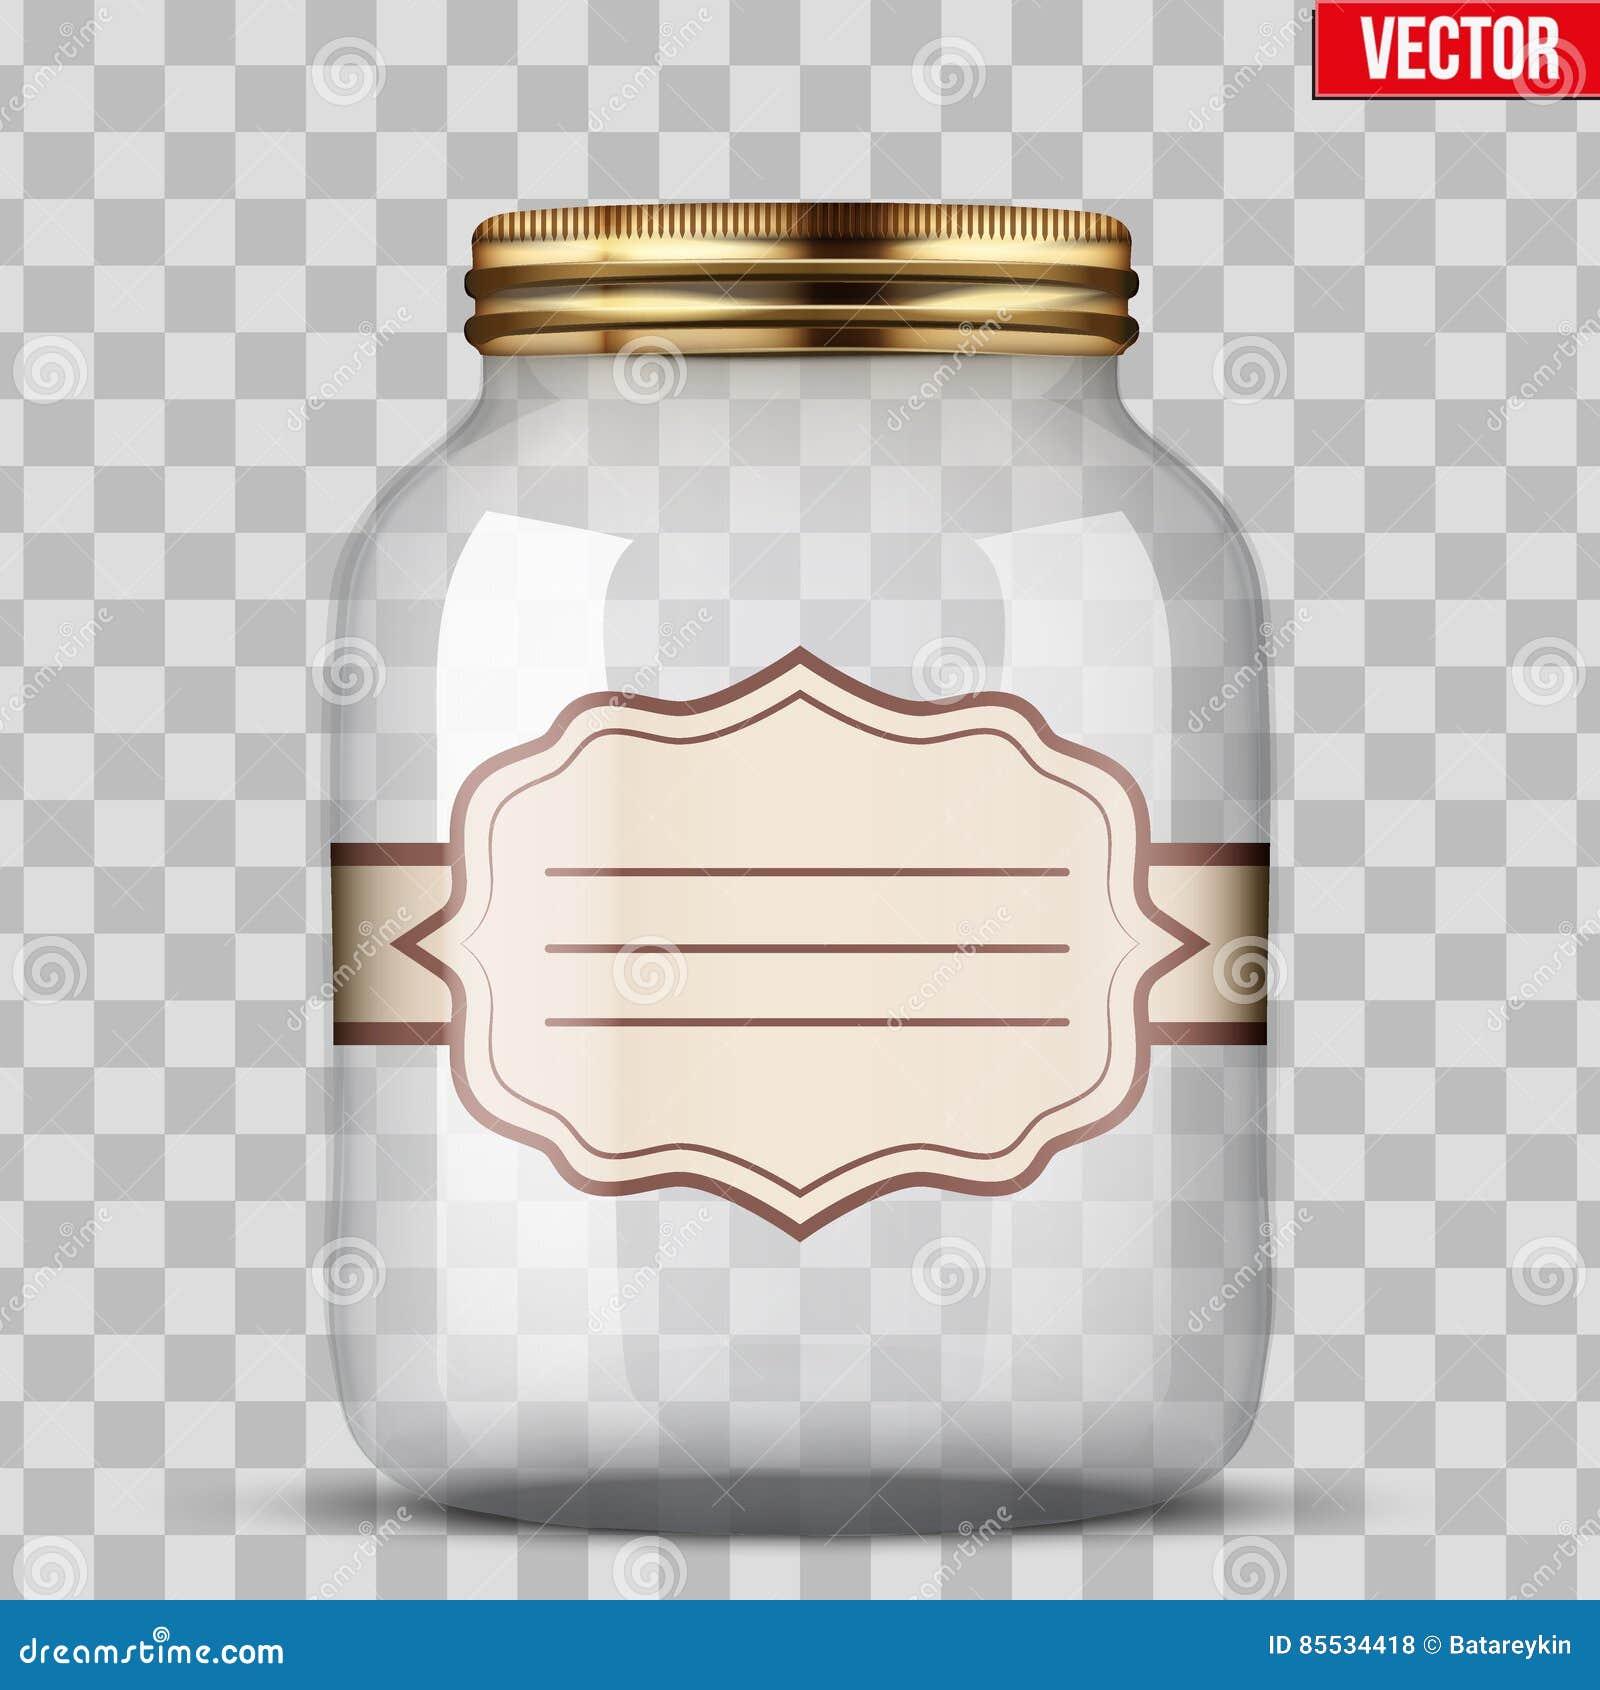 装于罐中的玻璃瓶子与标签